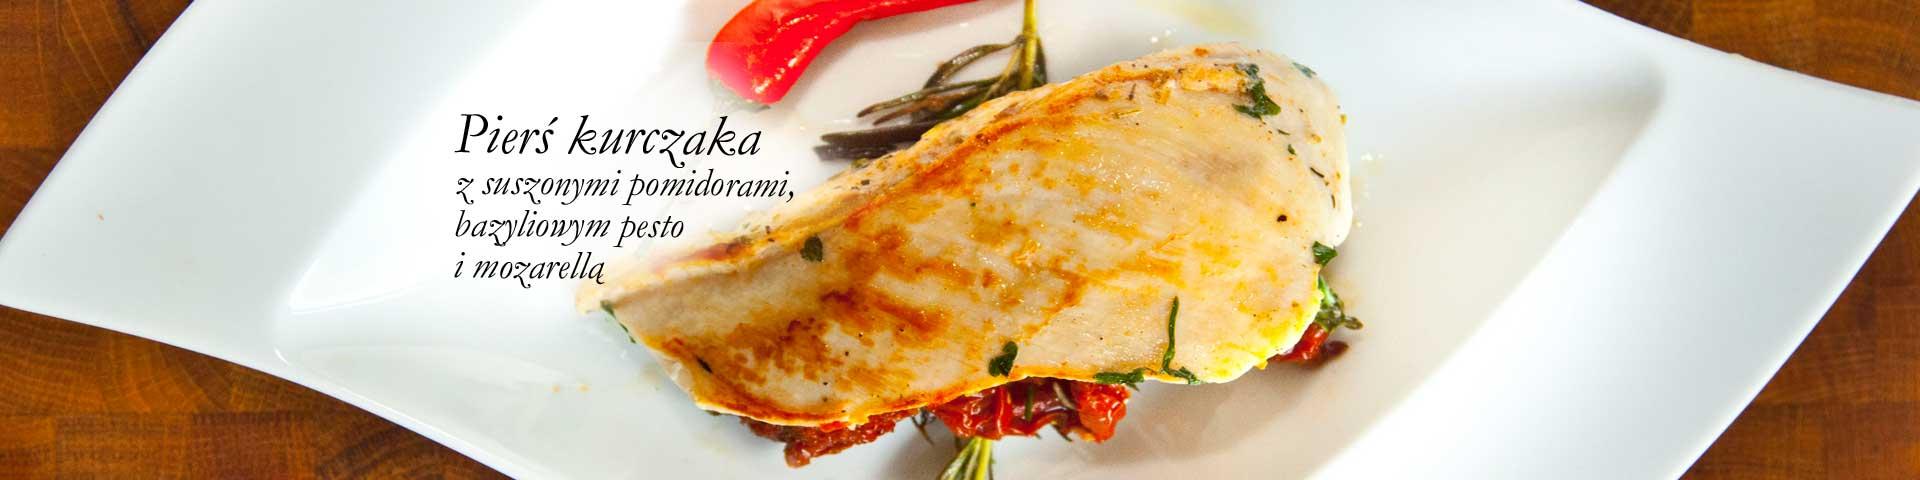 Chicken breast with sun-dried tomatoes, basil pesto and mozzarella